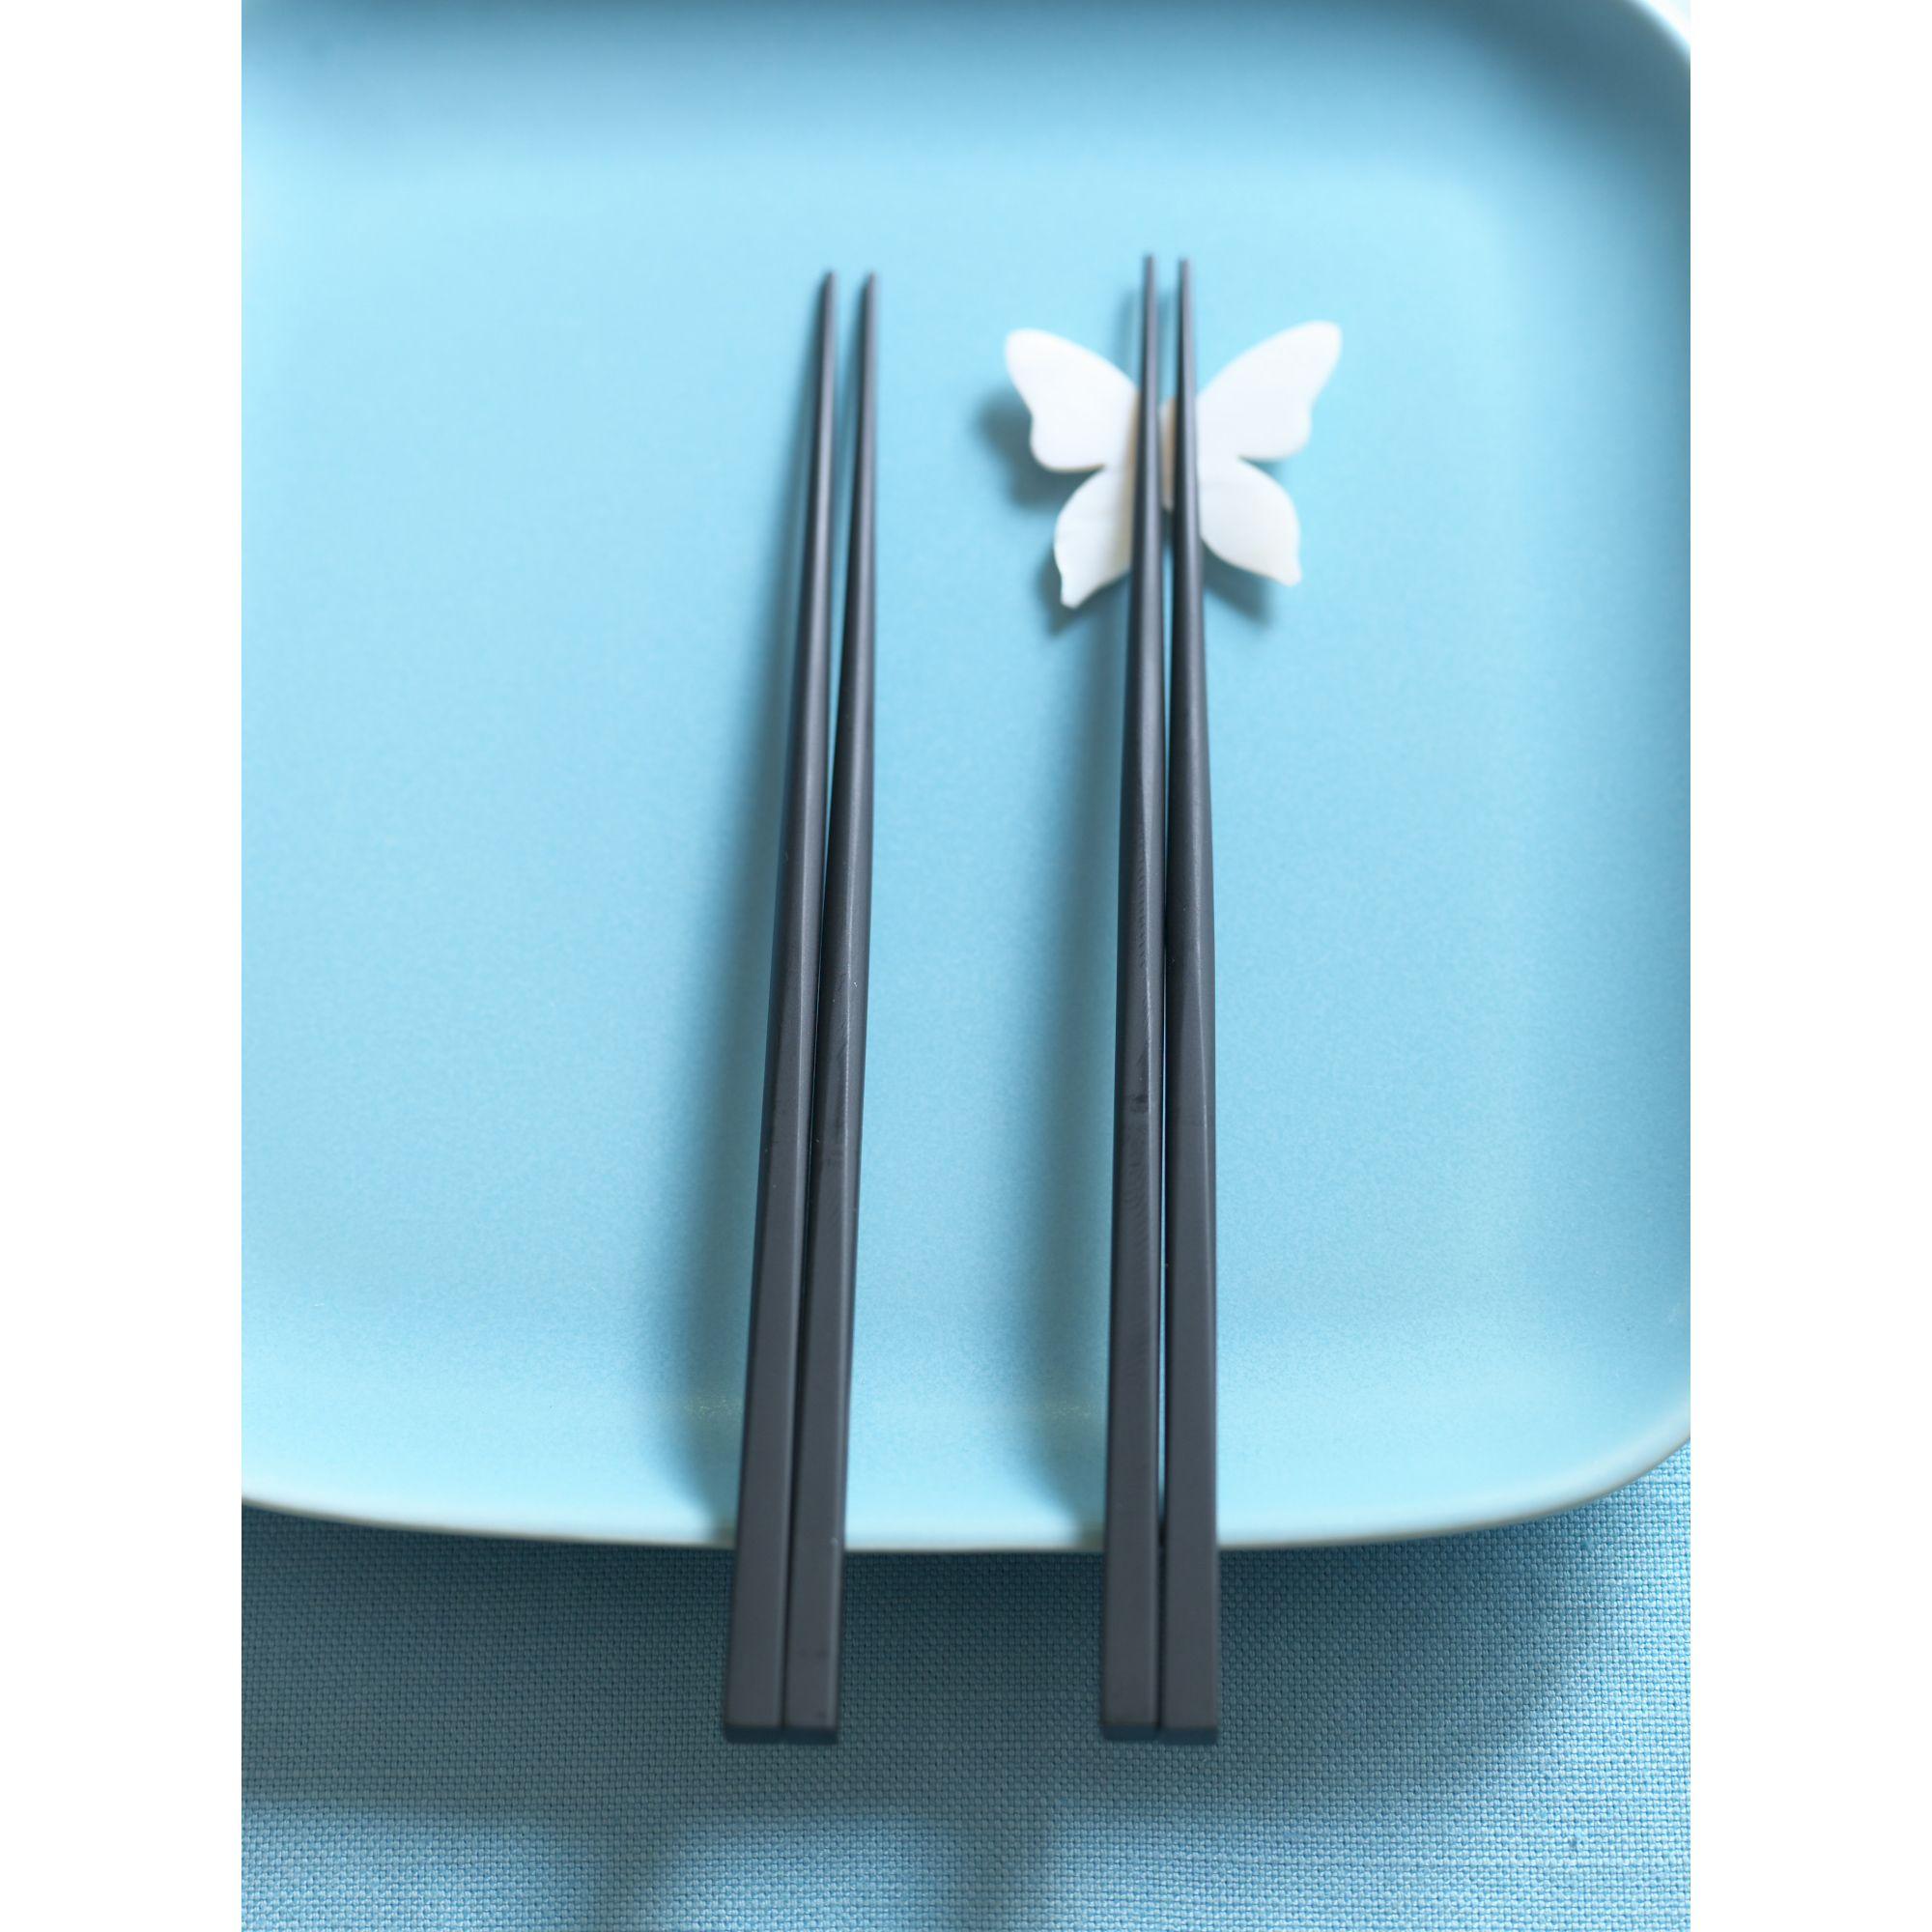 <集英社> AXIA PLANNING(アクシア・プランニング)/黒檀 箸画像